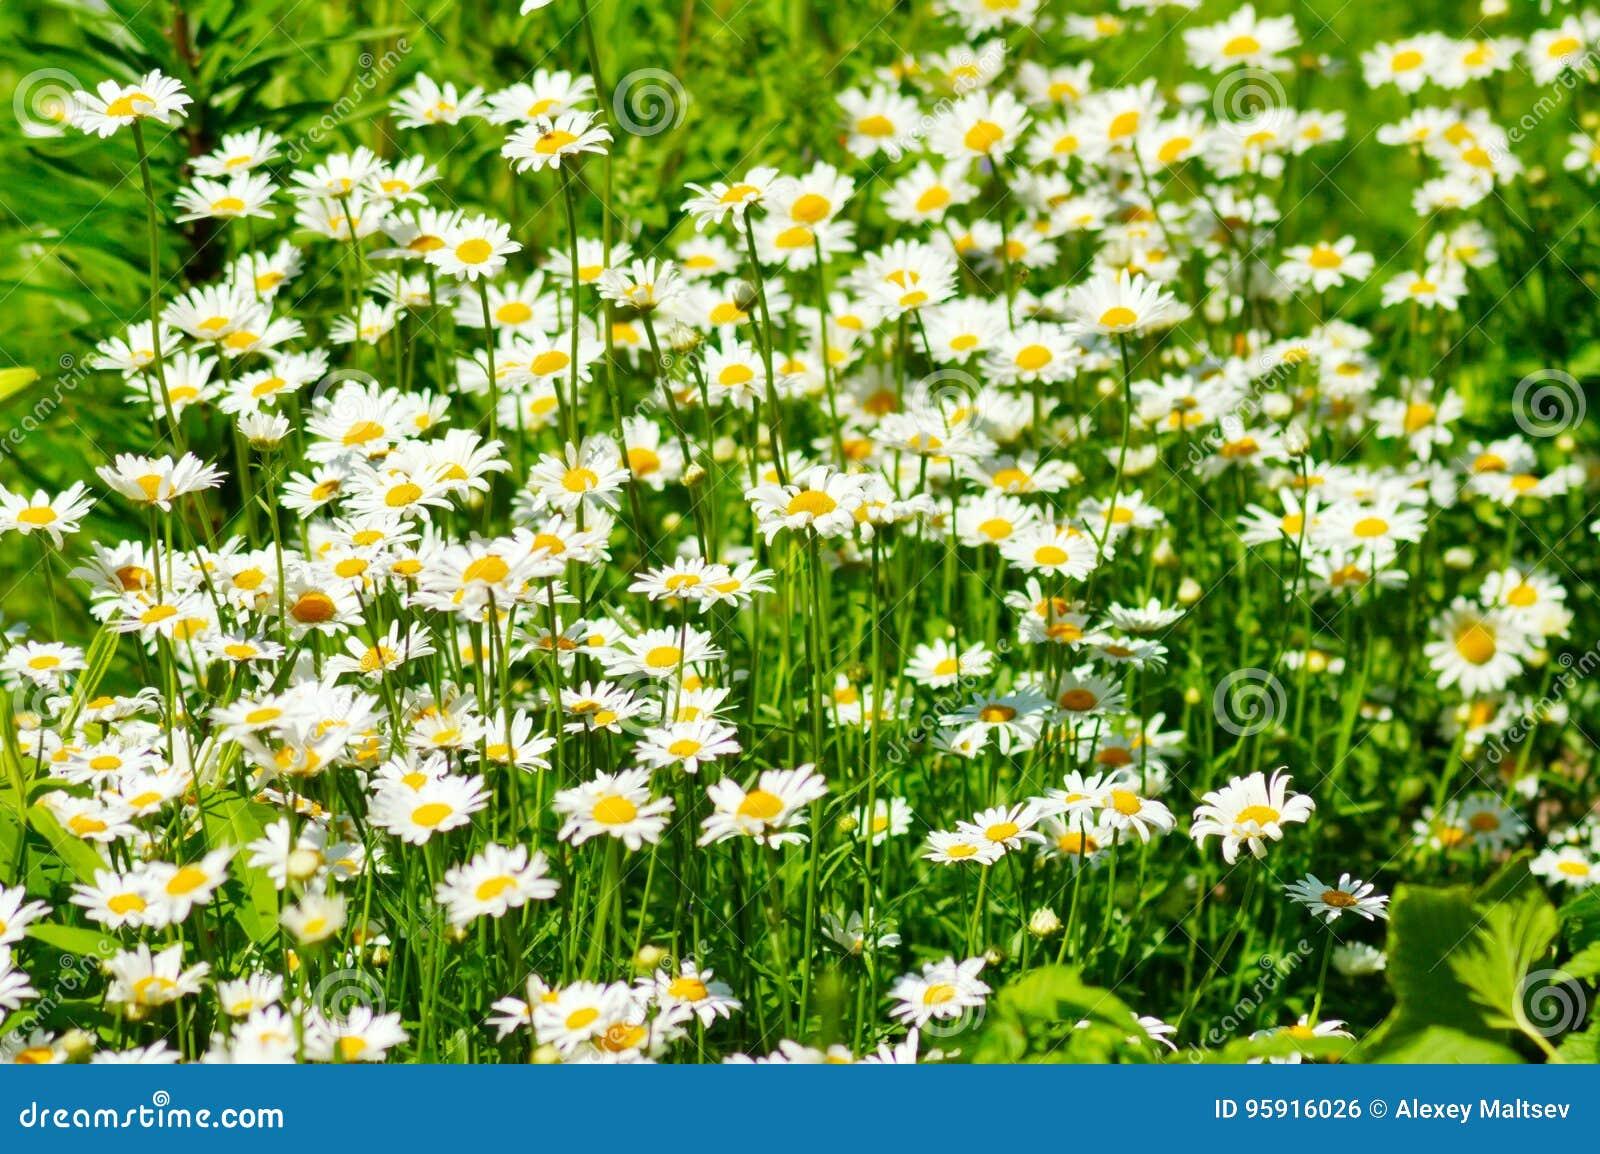 Margaritas del verano e hierba verde